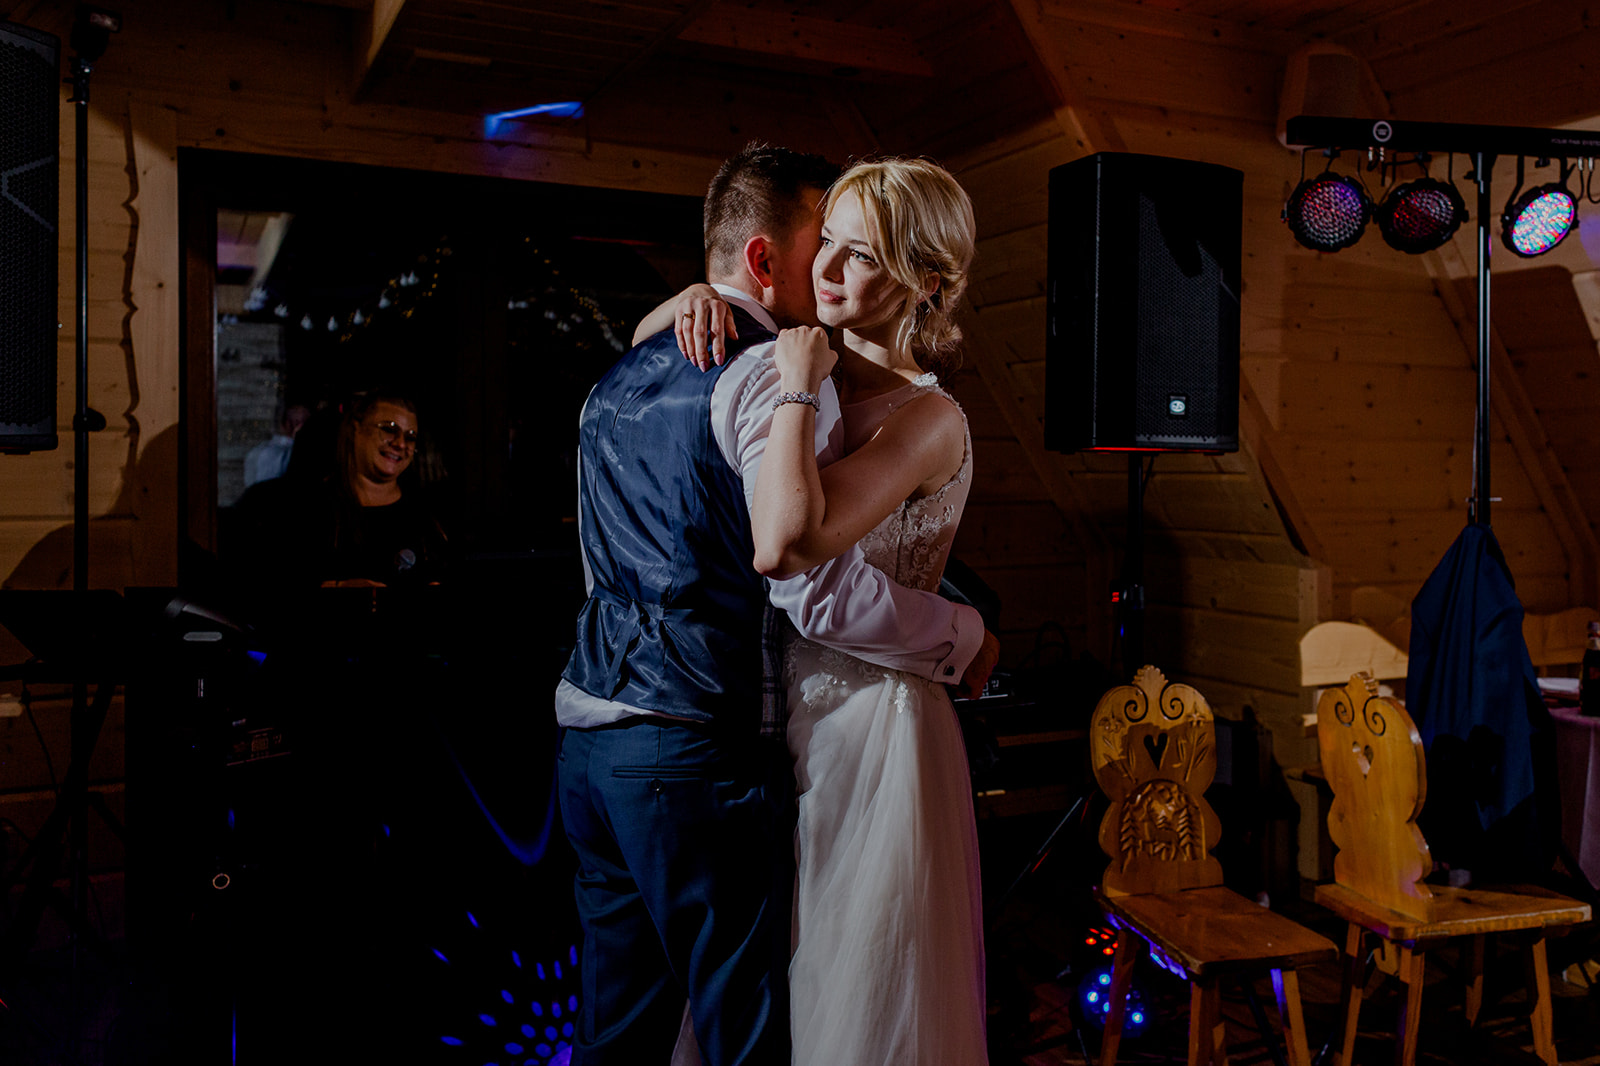 Ślub Wesele Poprawiny czyli Wesele w górach